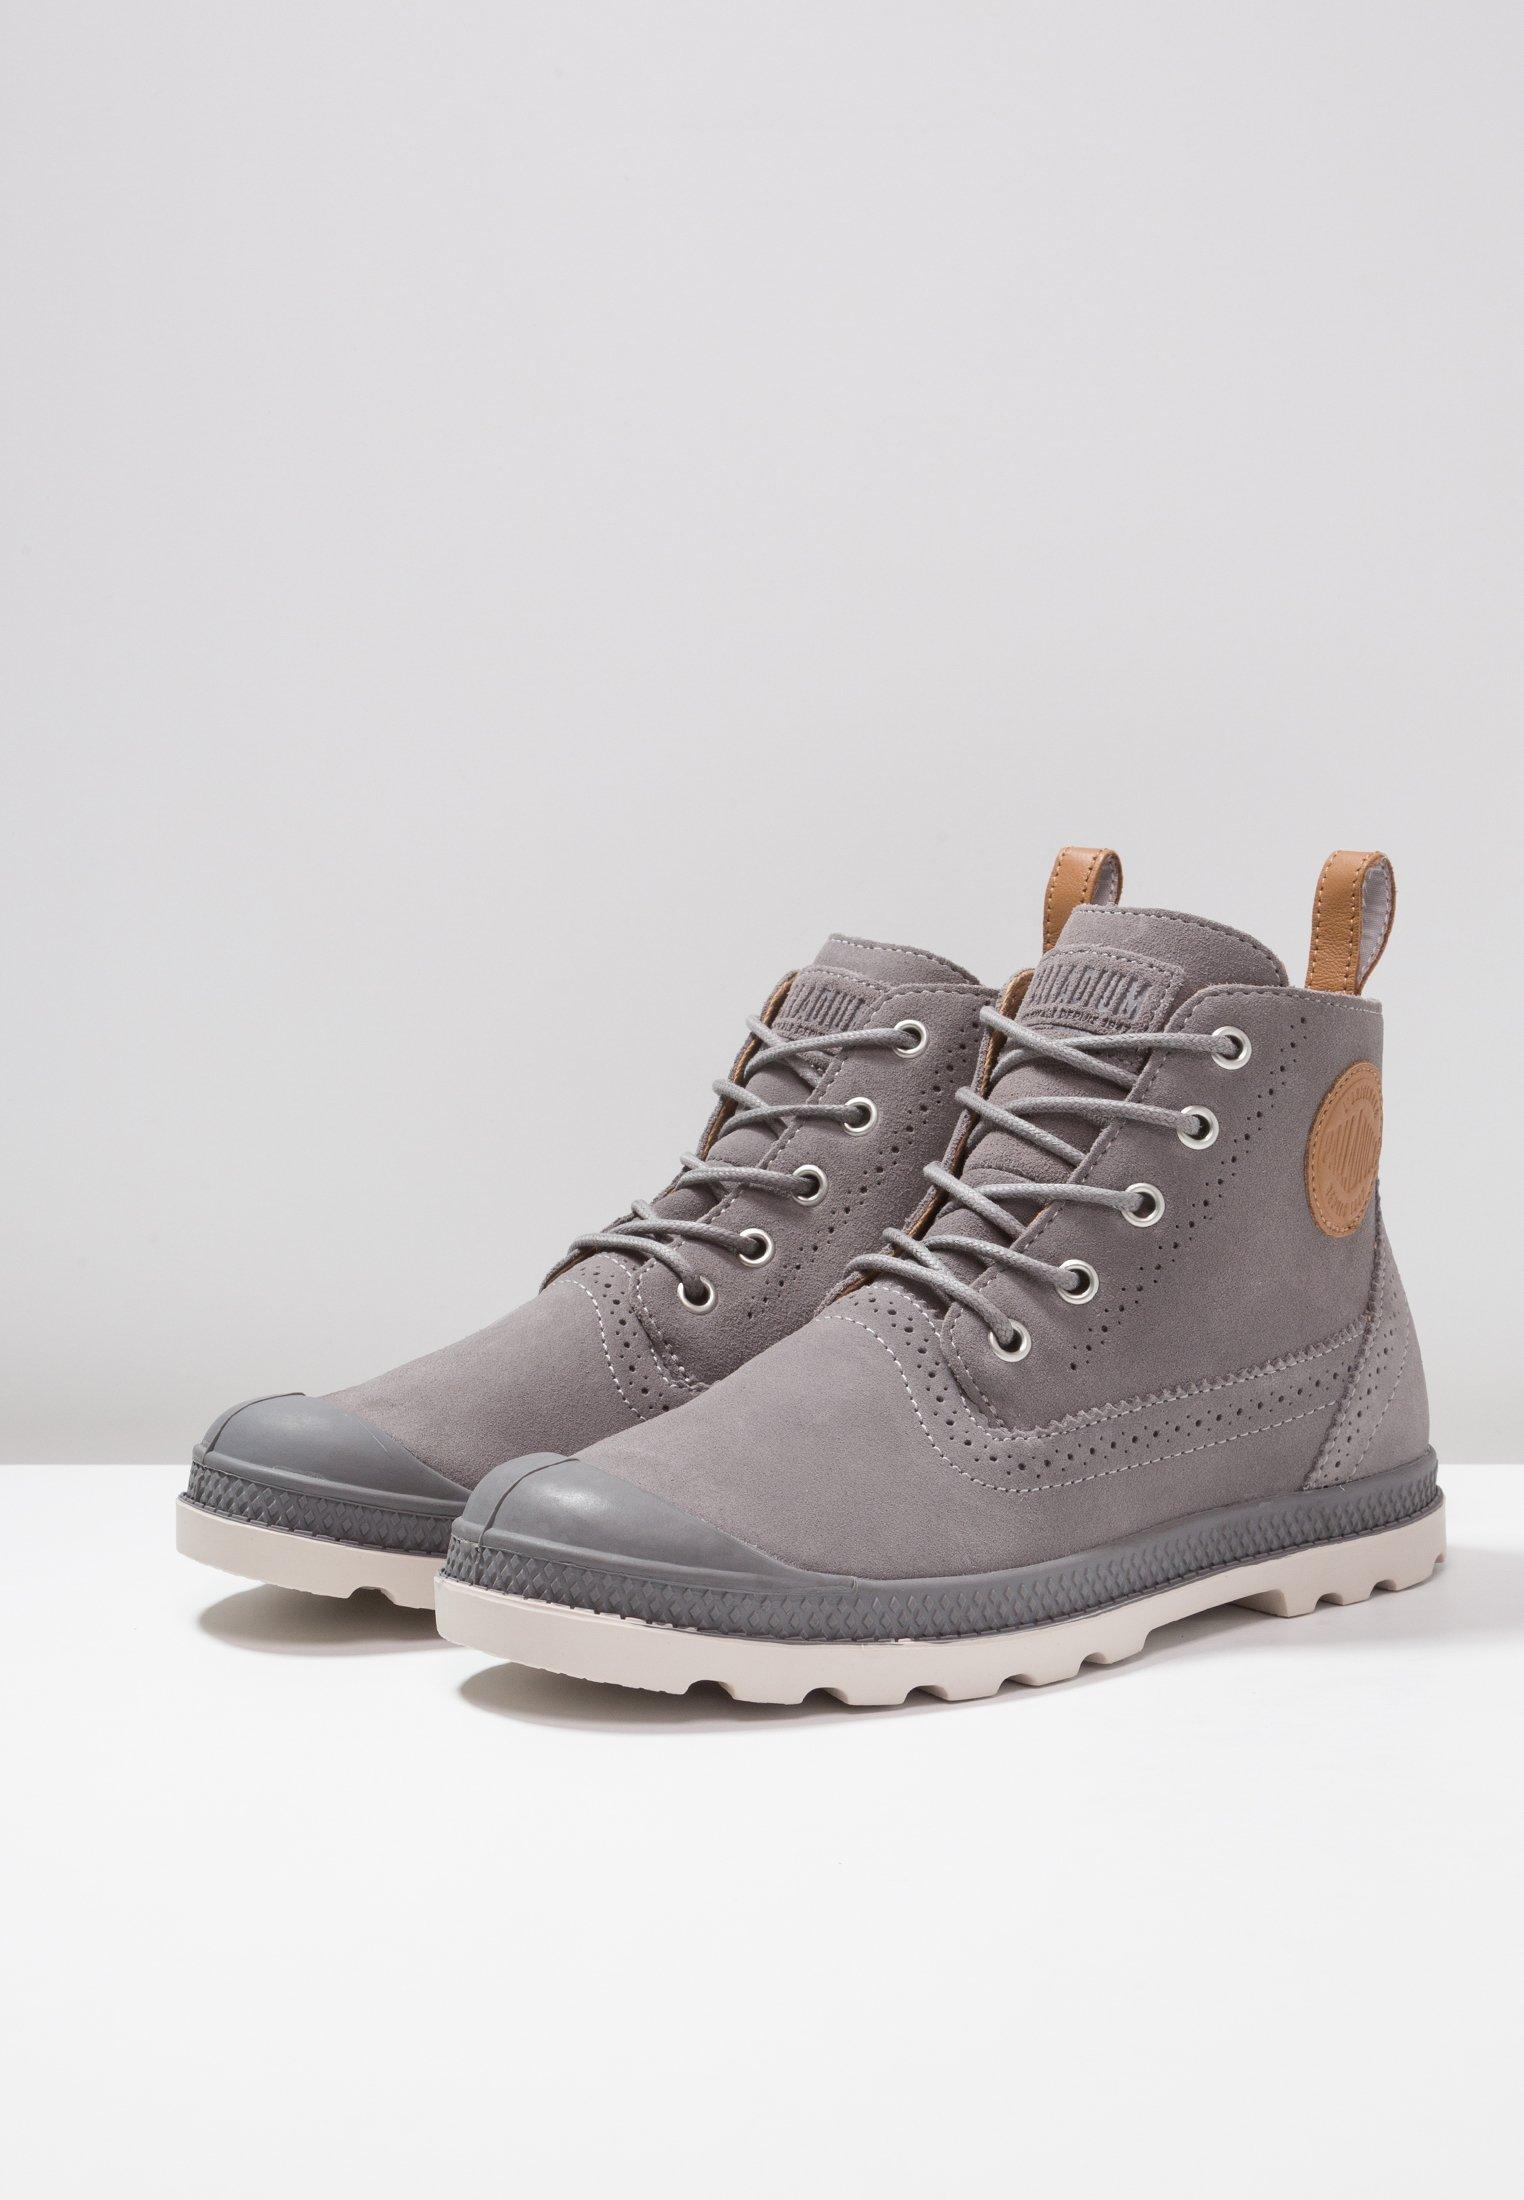 Ruskeat Ash Vaatteet, kengät & asusteet netistä | Zalando